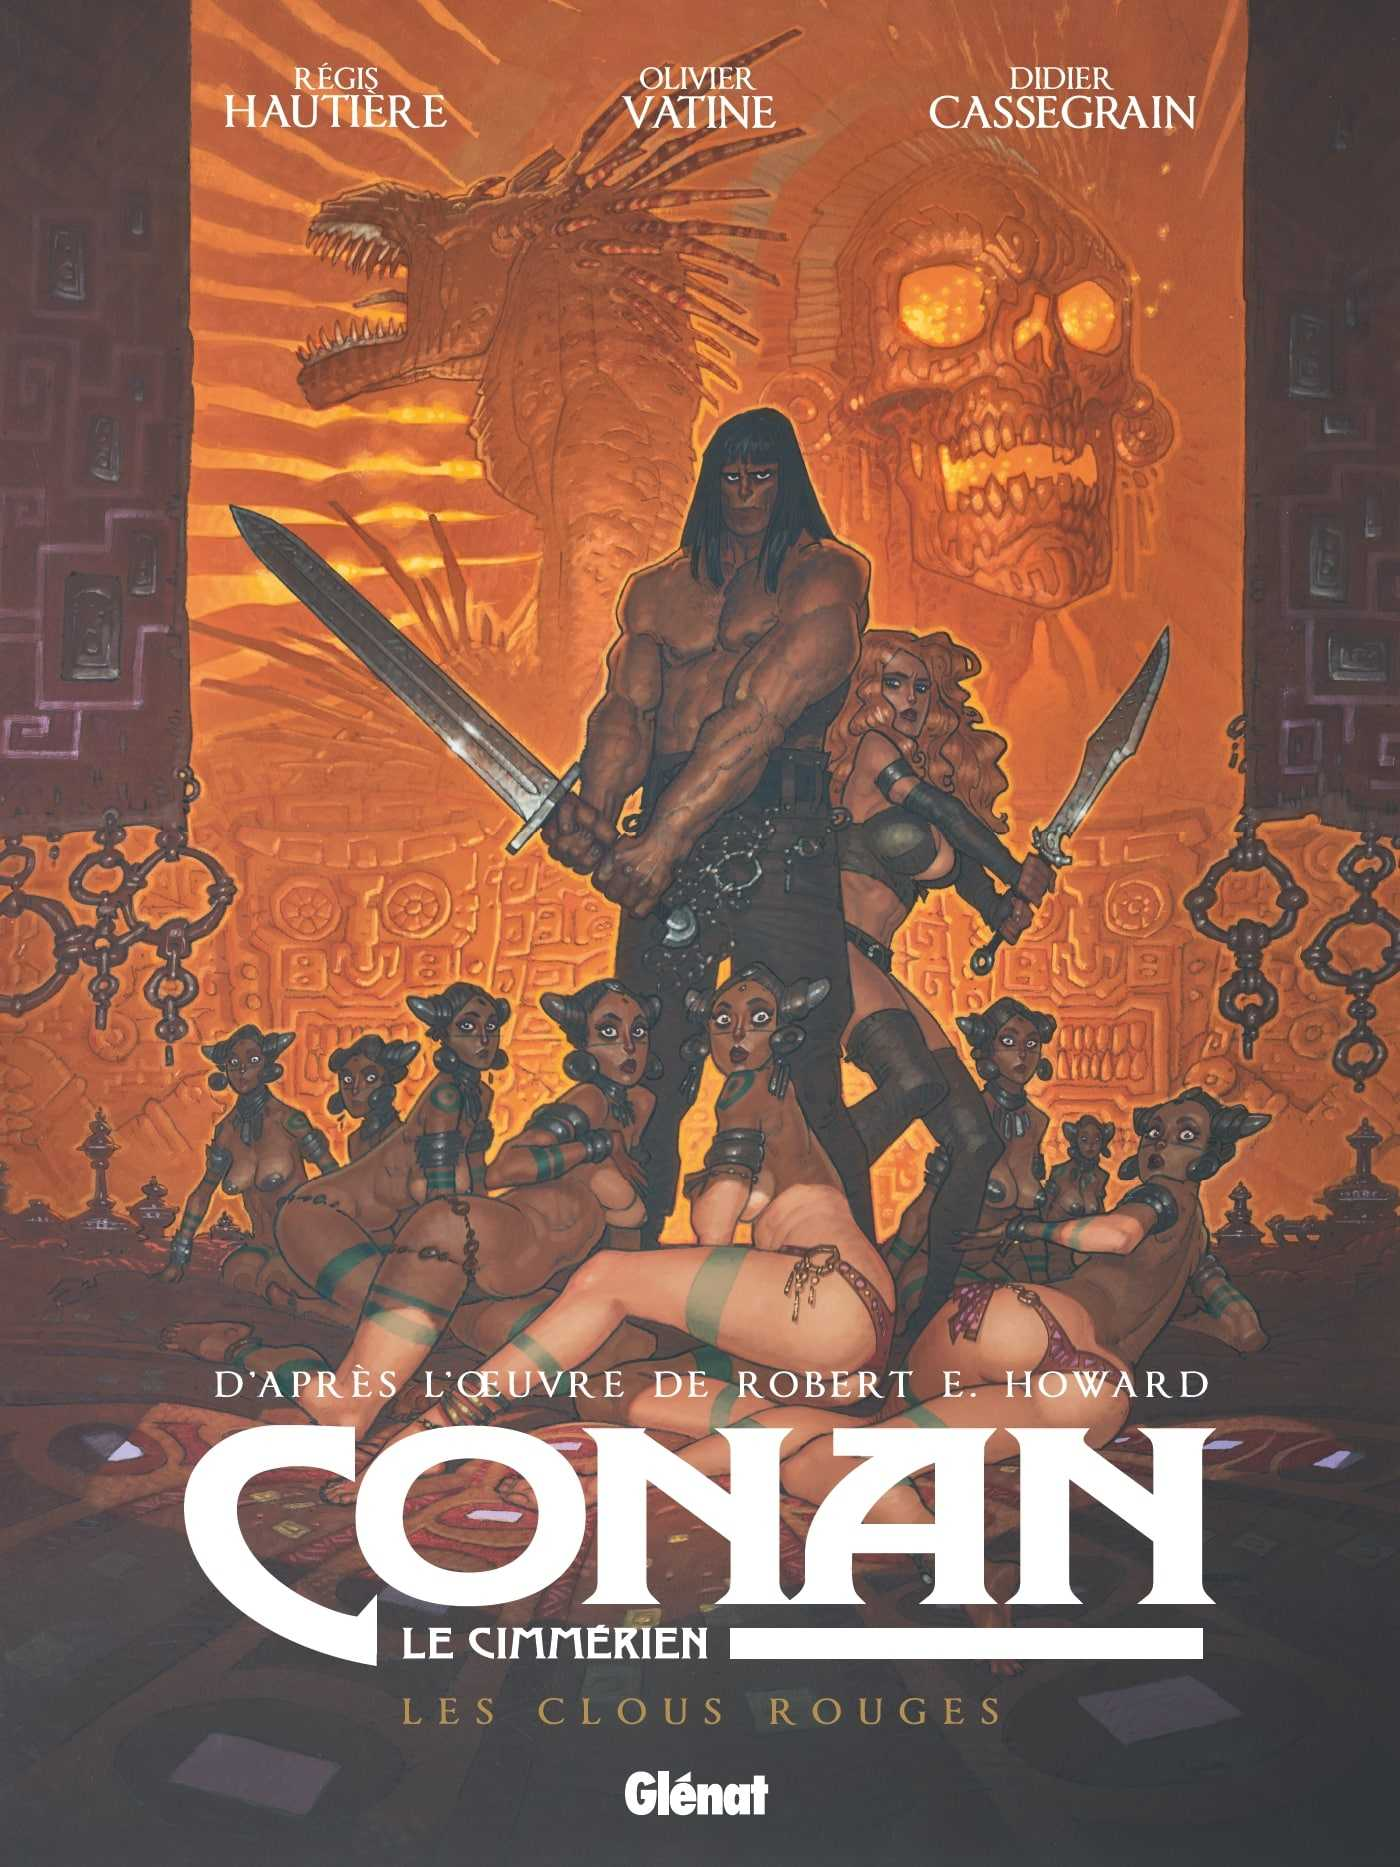 Conan, Les Clous rouges pour une cité sanglante